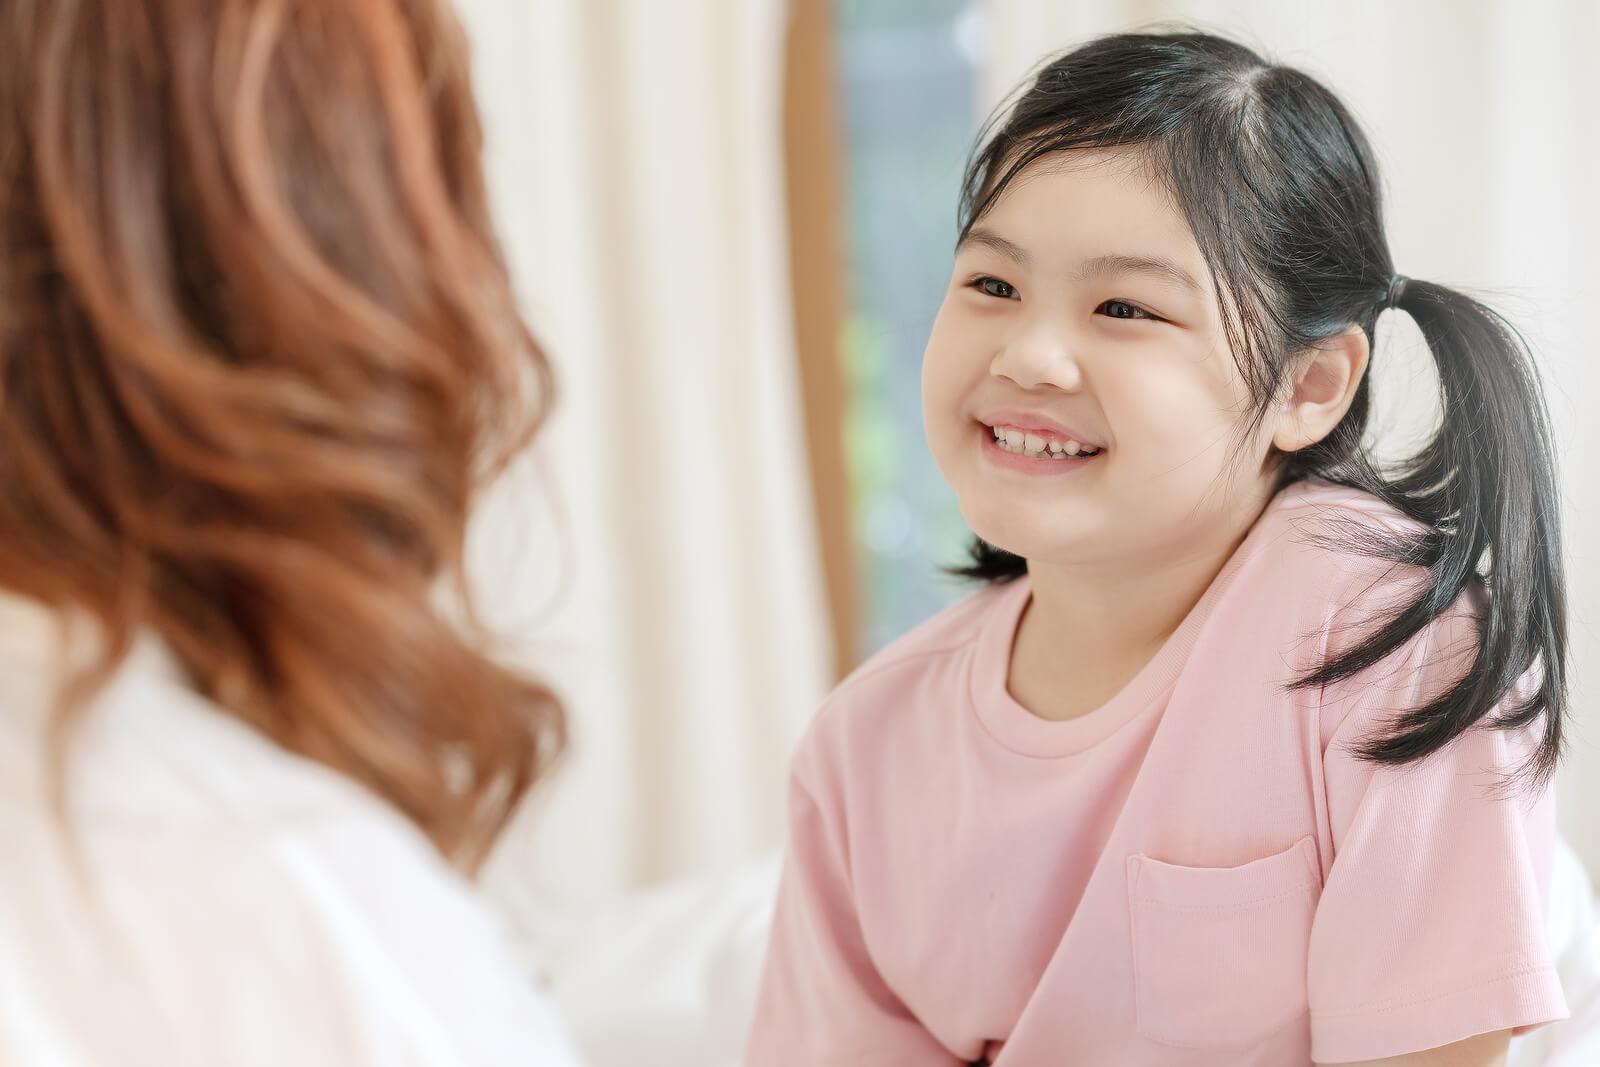 Madre hablando con su hija para saber cómo piensan los niños pequeños.